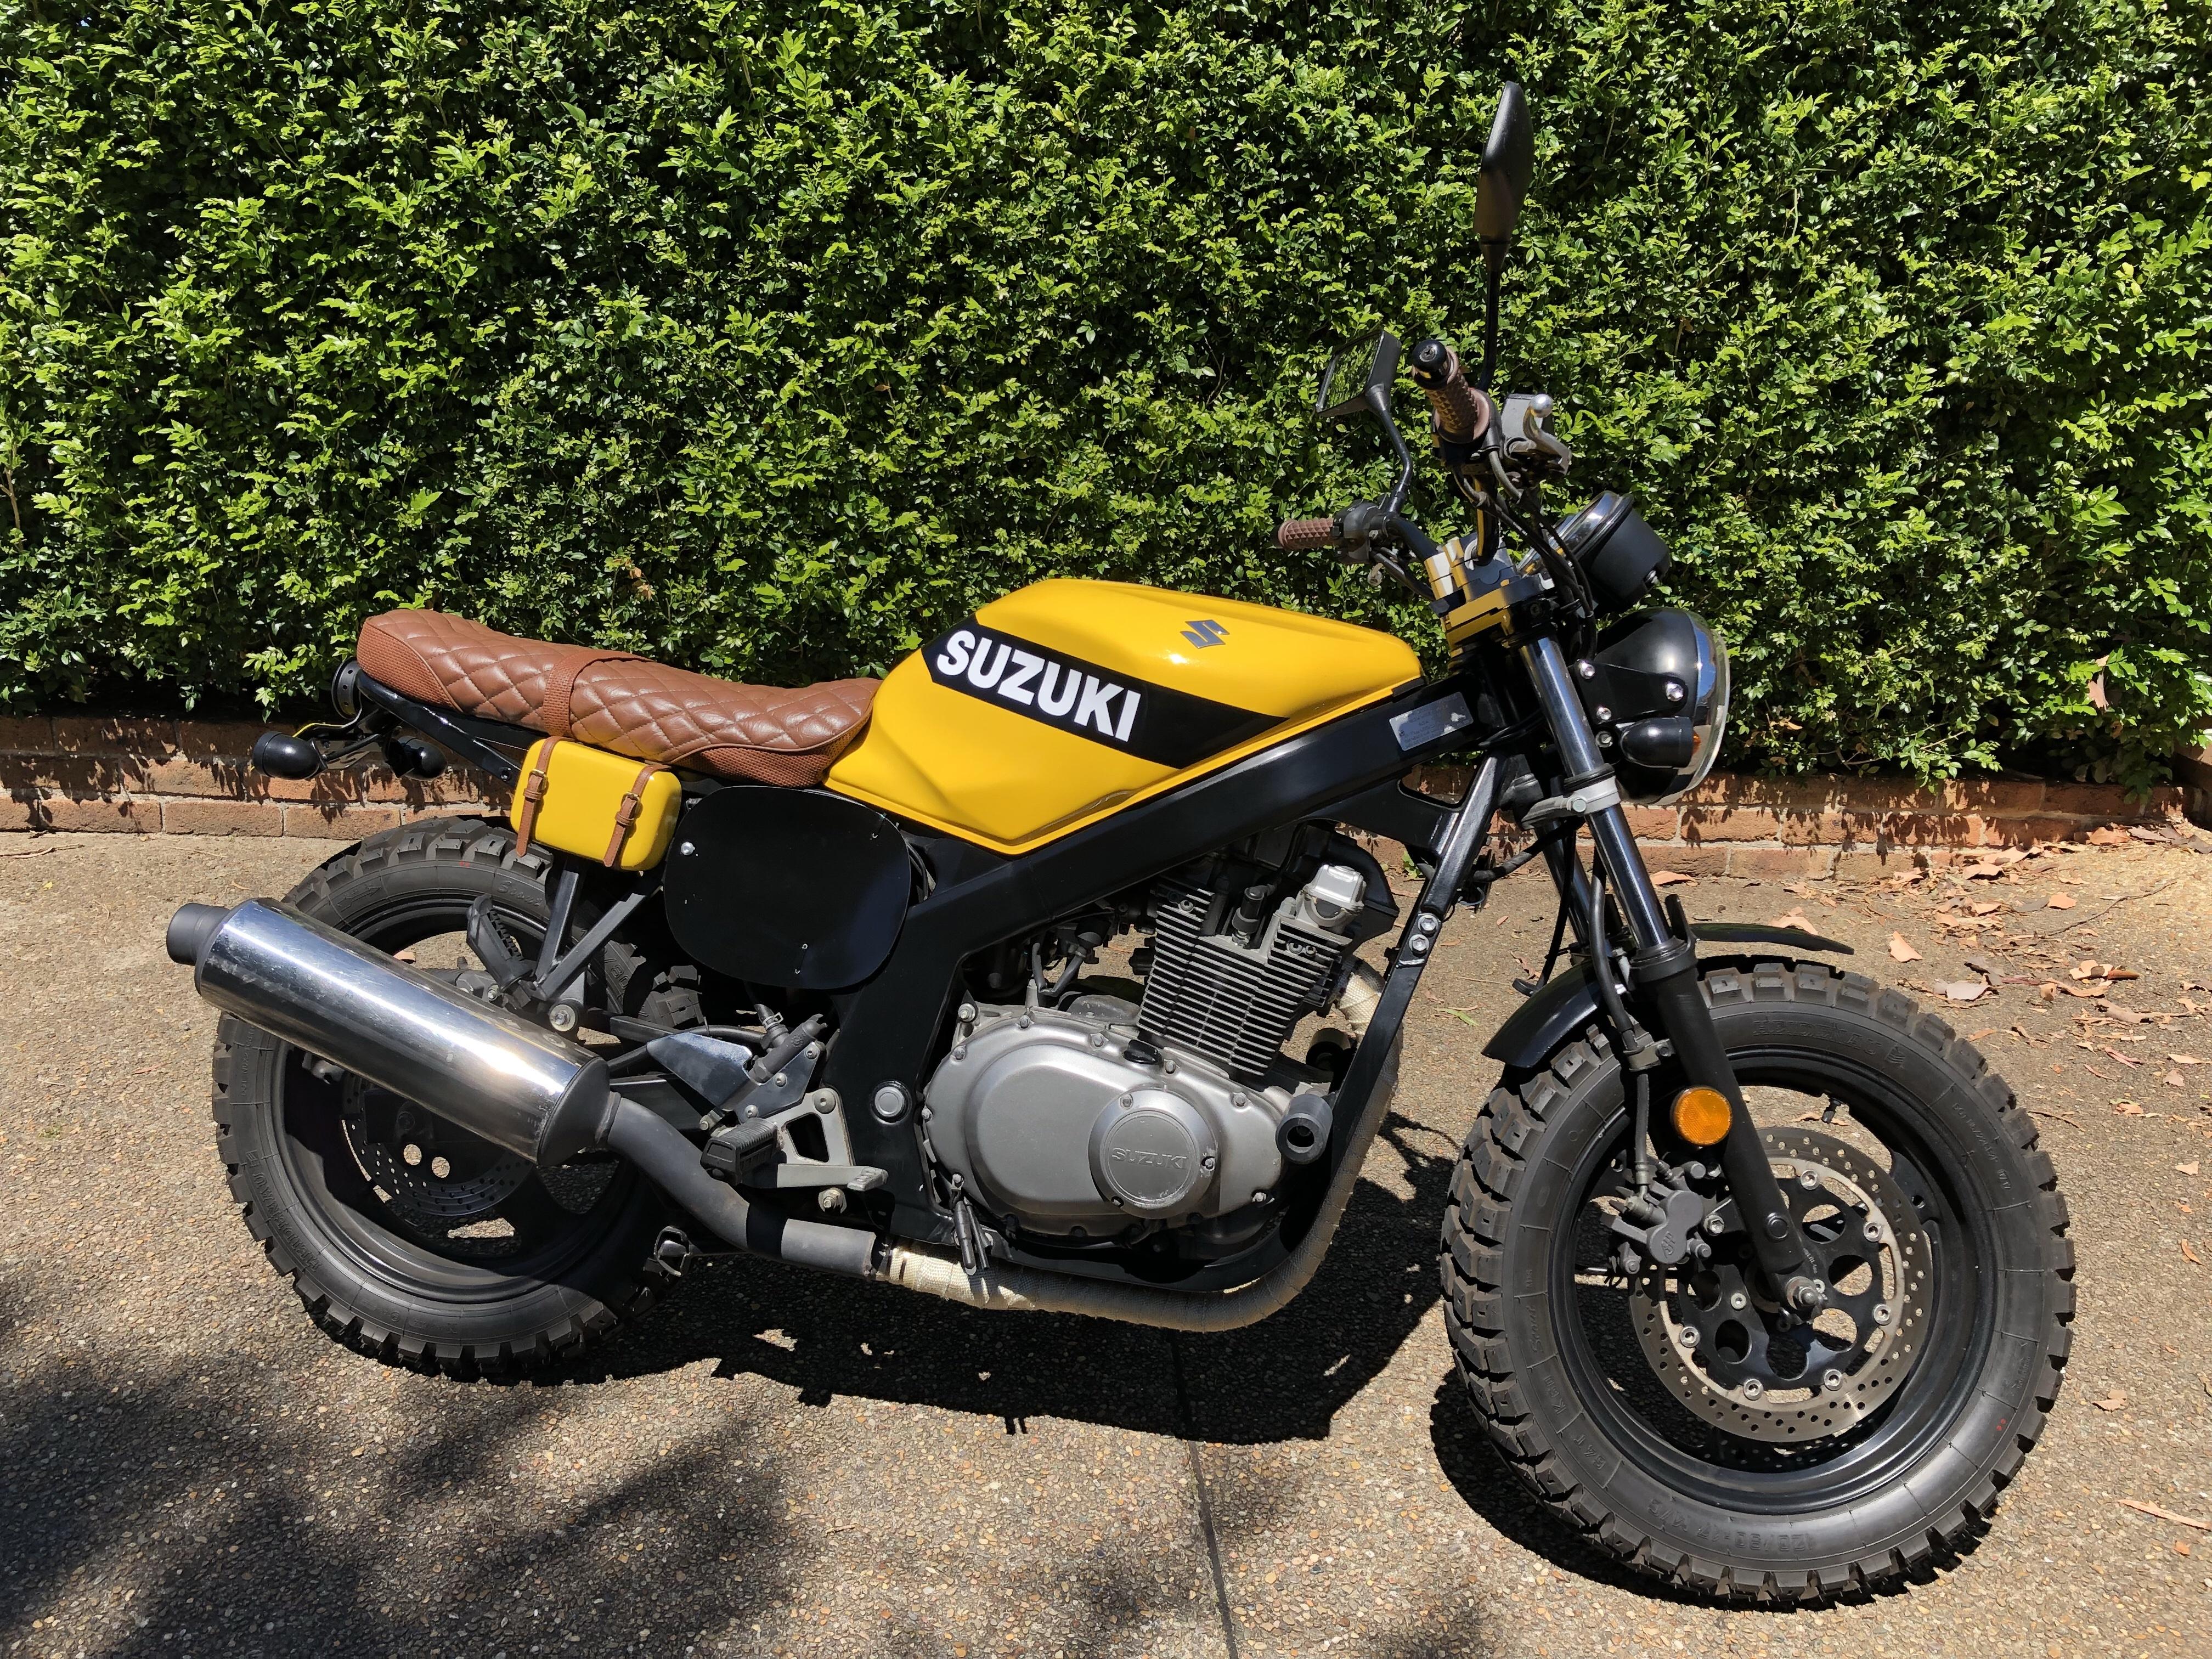 suzuki gs500 scrambler johonline s blog rh johonline net Suzuki Bandit Single-Seat Suzuki GS500E